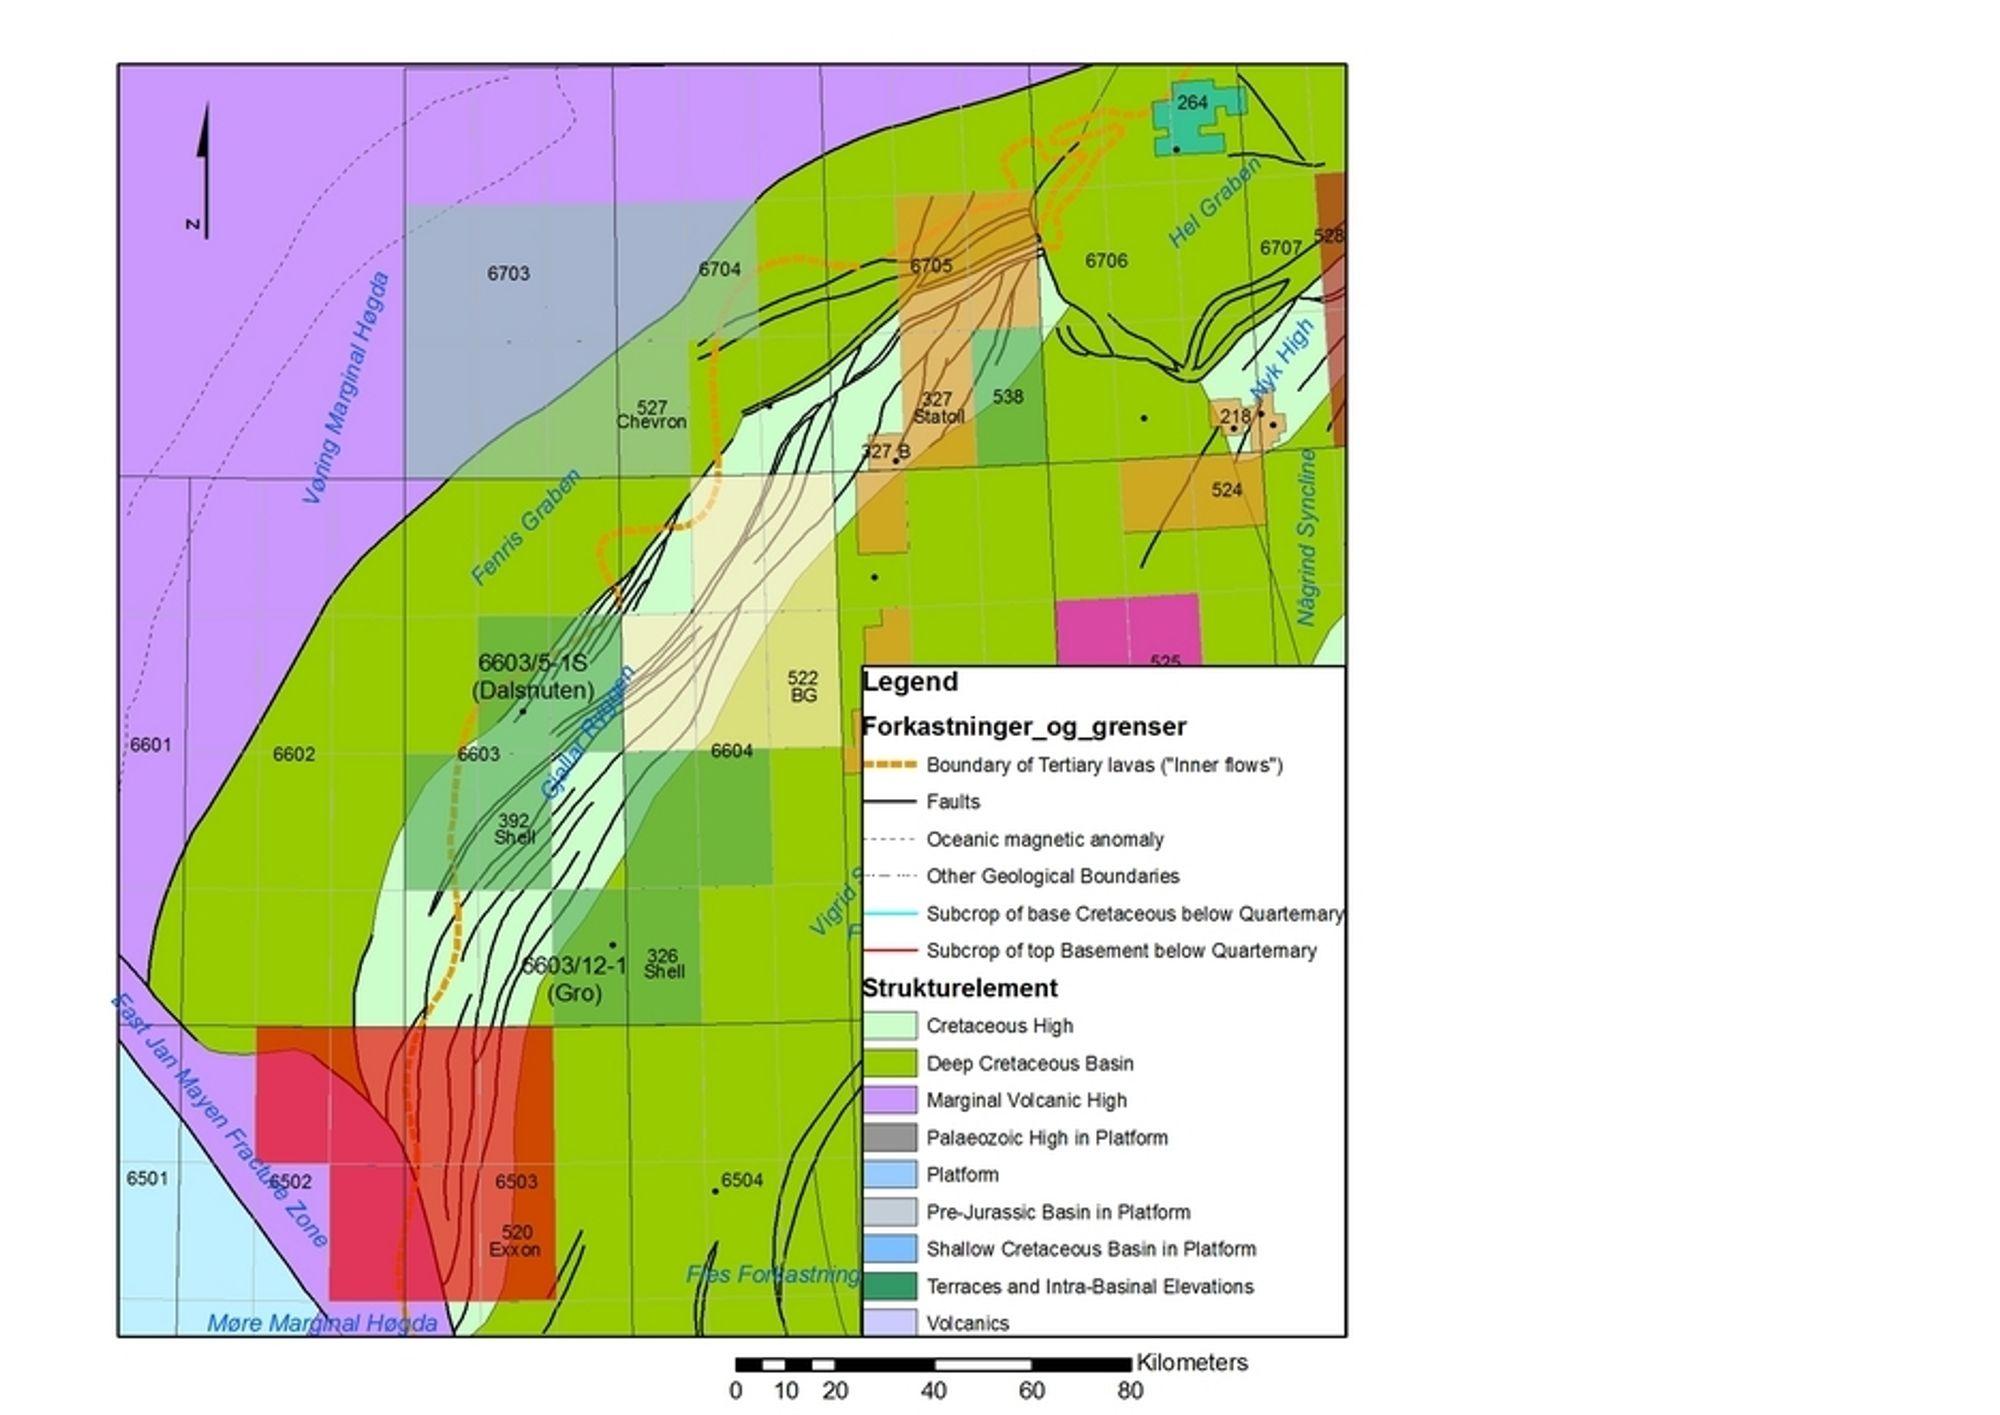 Chevron, ExxonMObil, Idemitsu og Petoro skal forsøke å knekke basalt-koden sammen.